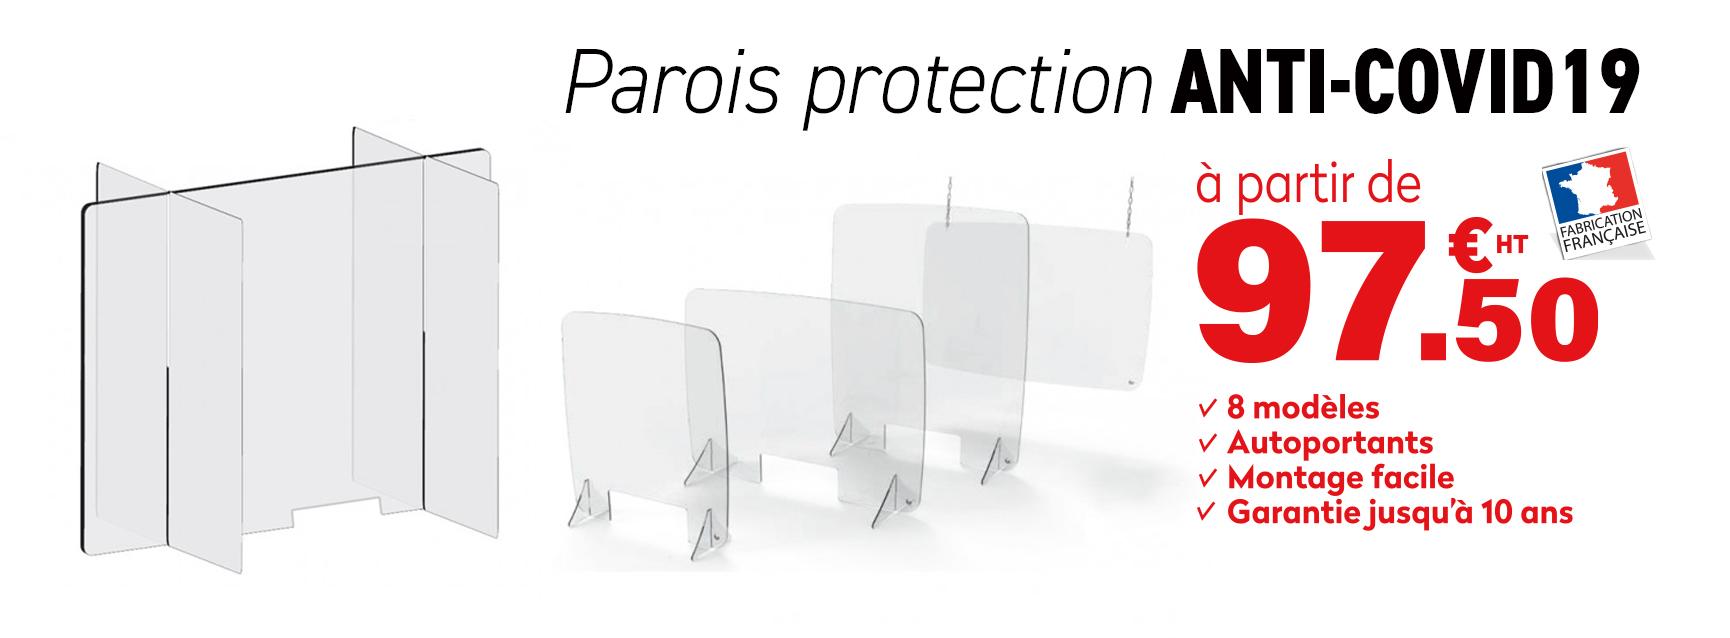 paroi sécurité santé covid19 protection